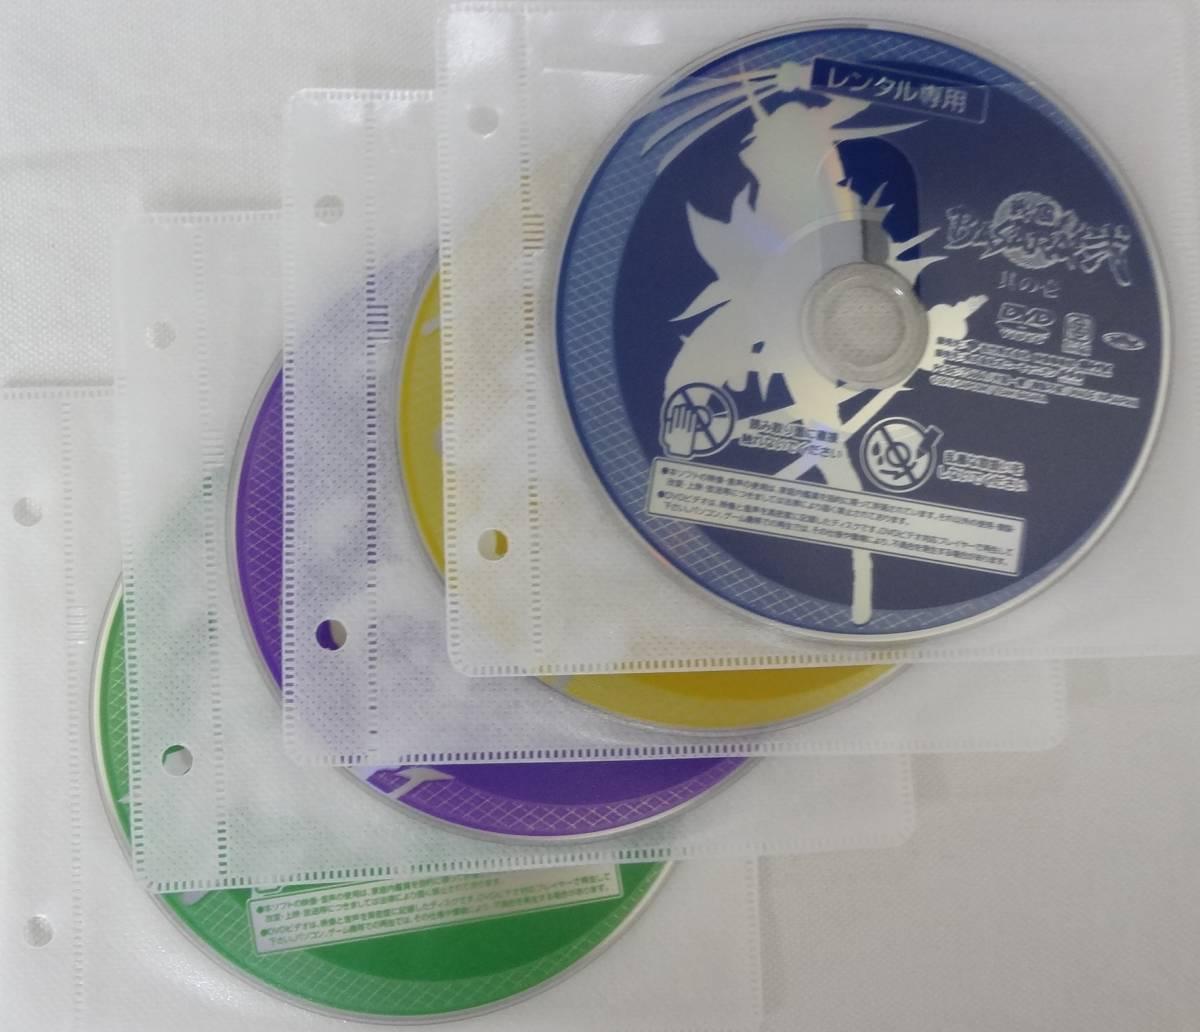 送料無料 レンタル落ち中古DVD 戦国BASARA弐 全7巻セット